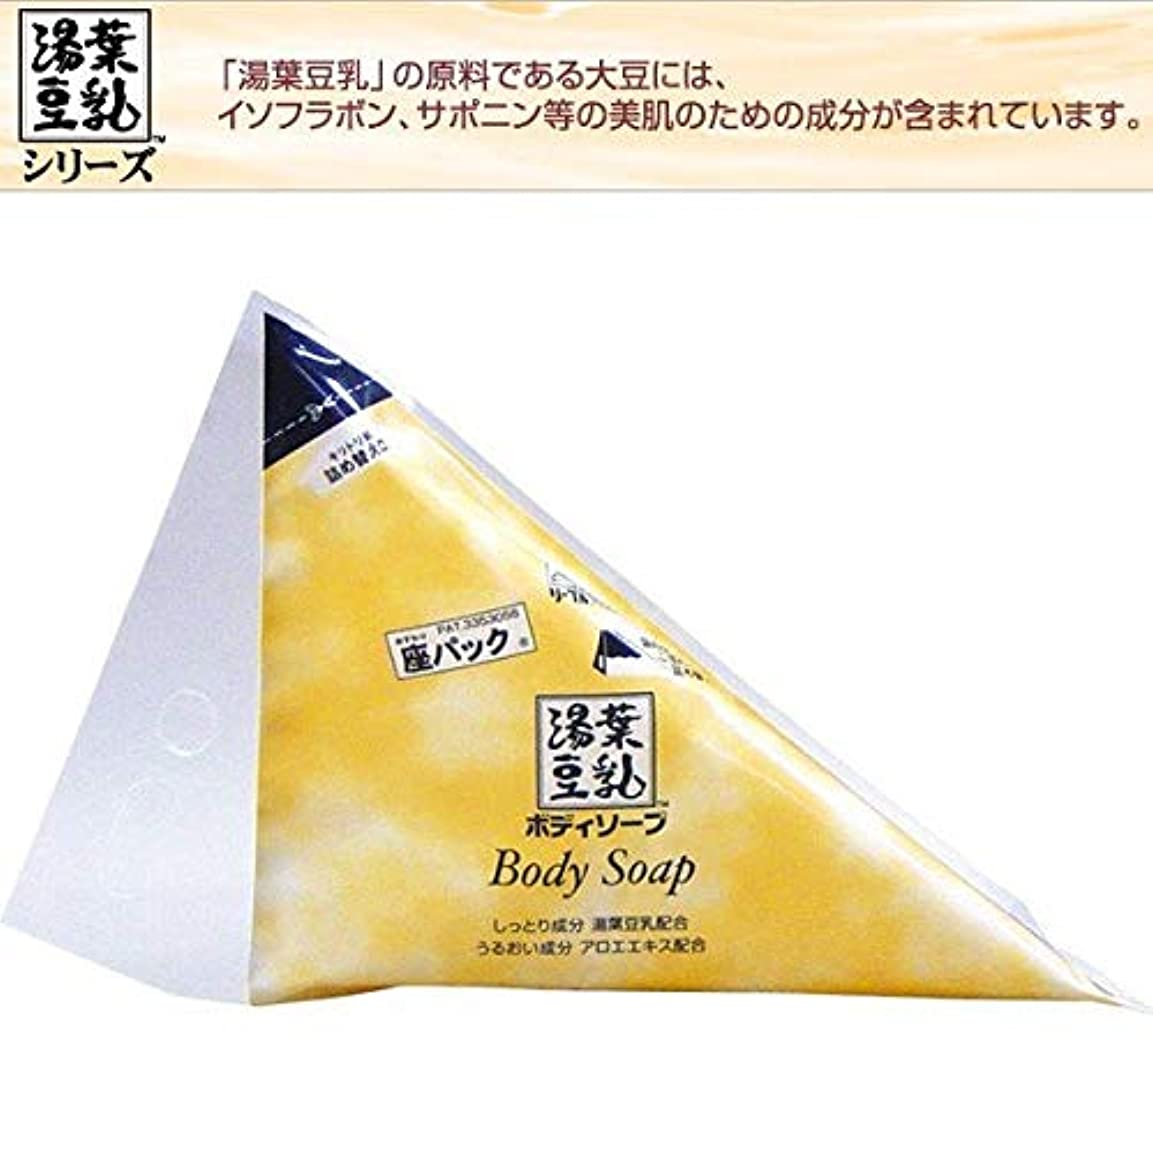 責批判的にホールドフタバ化学 湯葉豆乳ボディソープ 16L詰め替え(2Lパック×8包)800ml空容器付